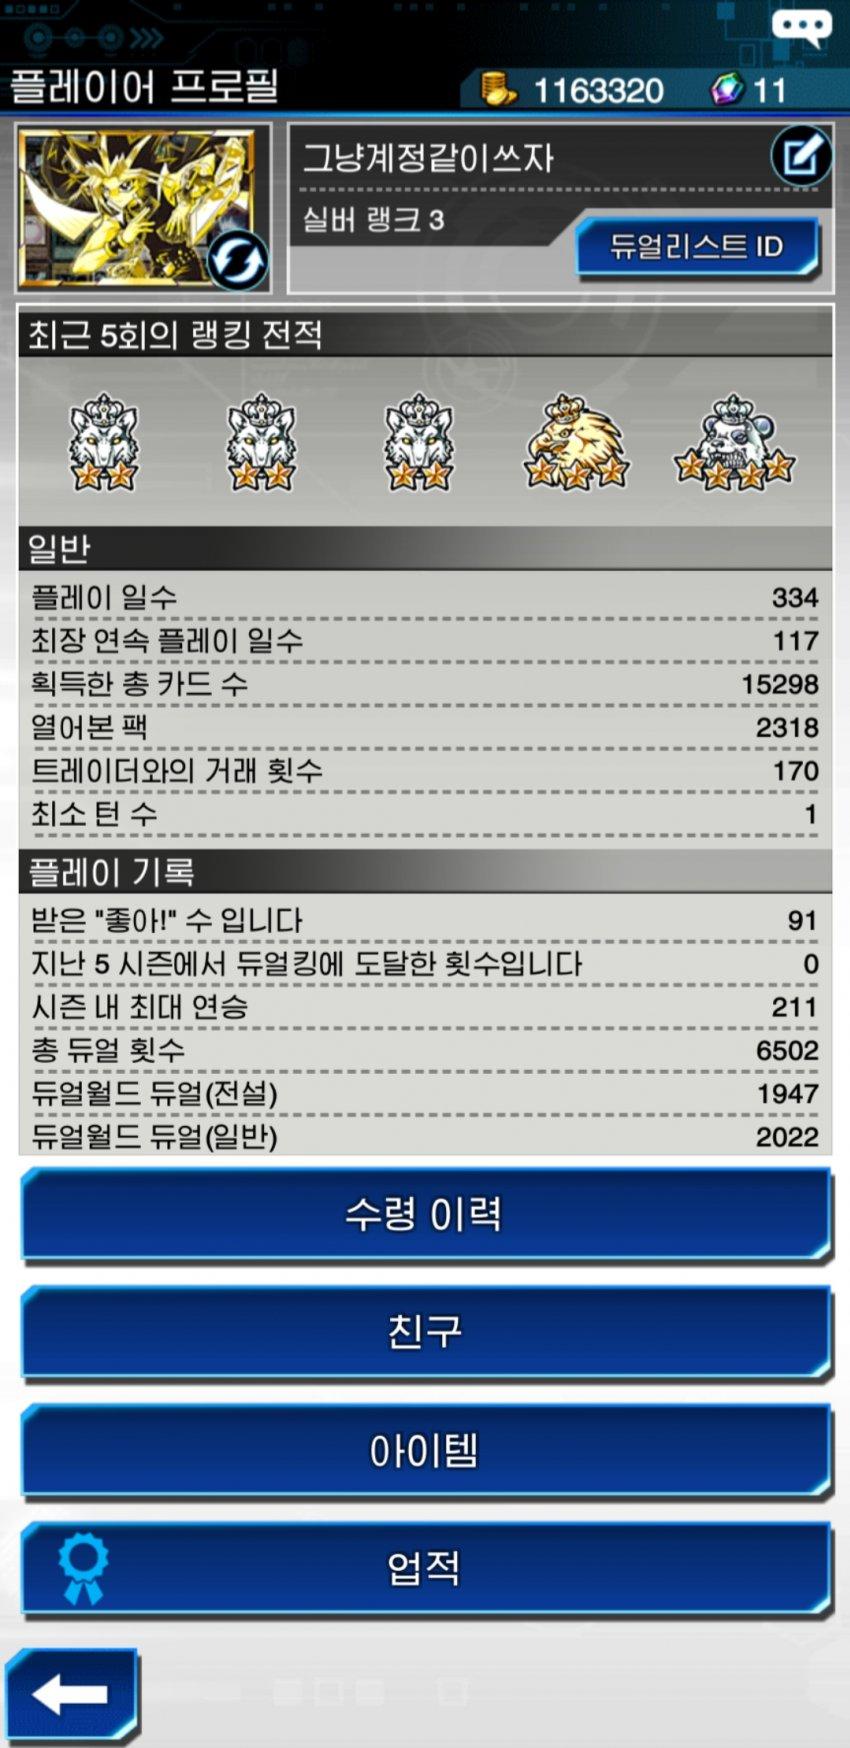 viewimage.php?id=34a8d72feada&no=24b0d769e1d32ca73ded8ffa11d028313550f9fb3f9dac8b24082381cb5c5a4f6e36d282f8deb5955e41339ca4acf5eee7200865a4cd799bca442501e2d42fc4239a86c3174a27eb432c8d35c9b6d737149a2b74b61228088c704a12166f5999aa2bbcaf0350